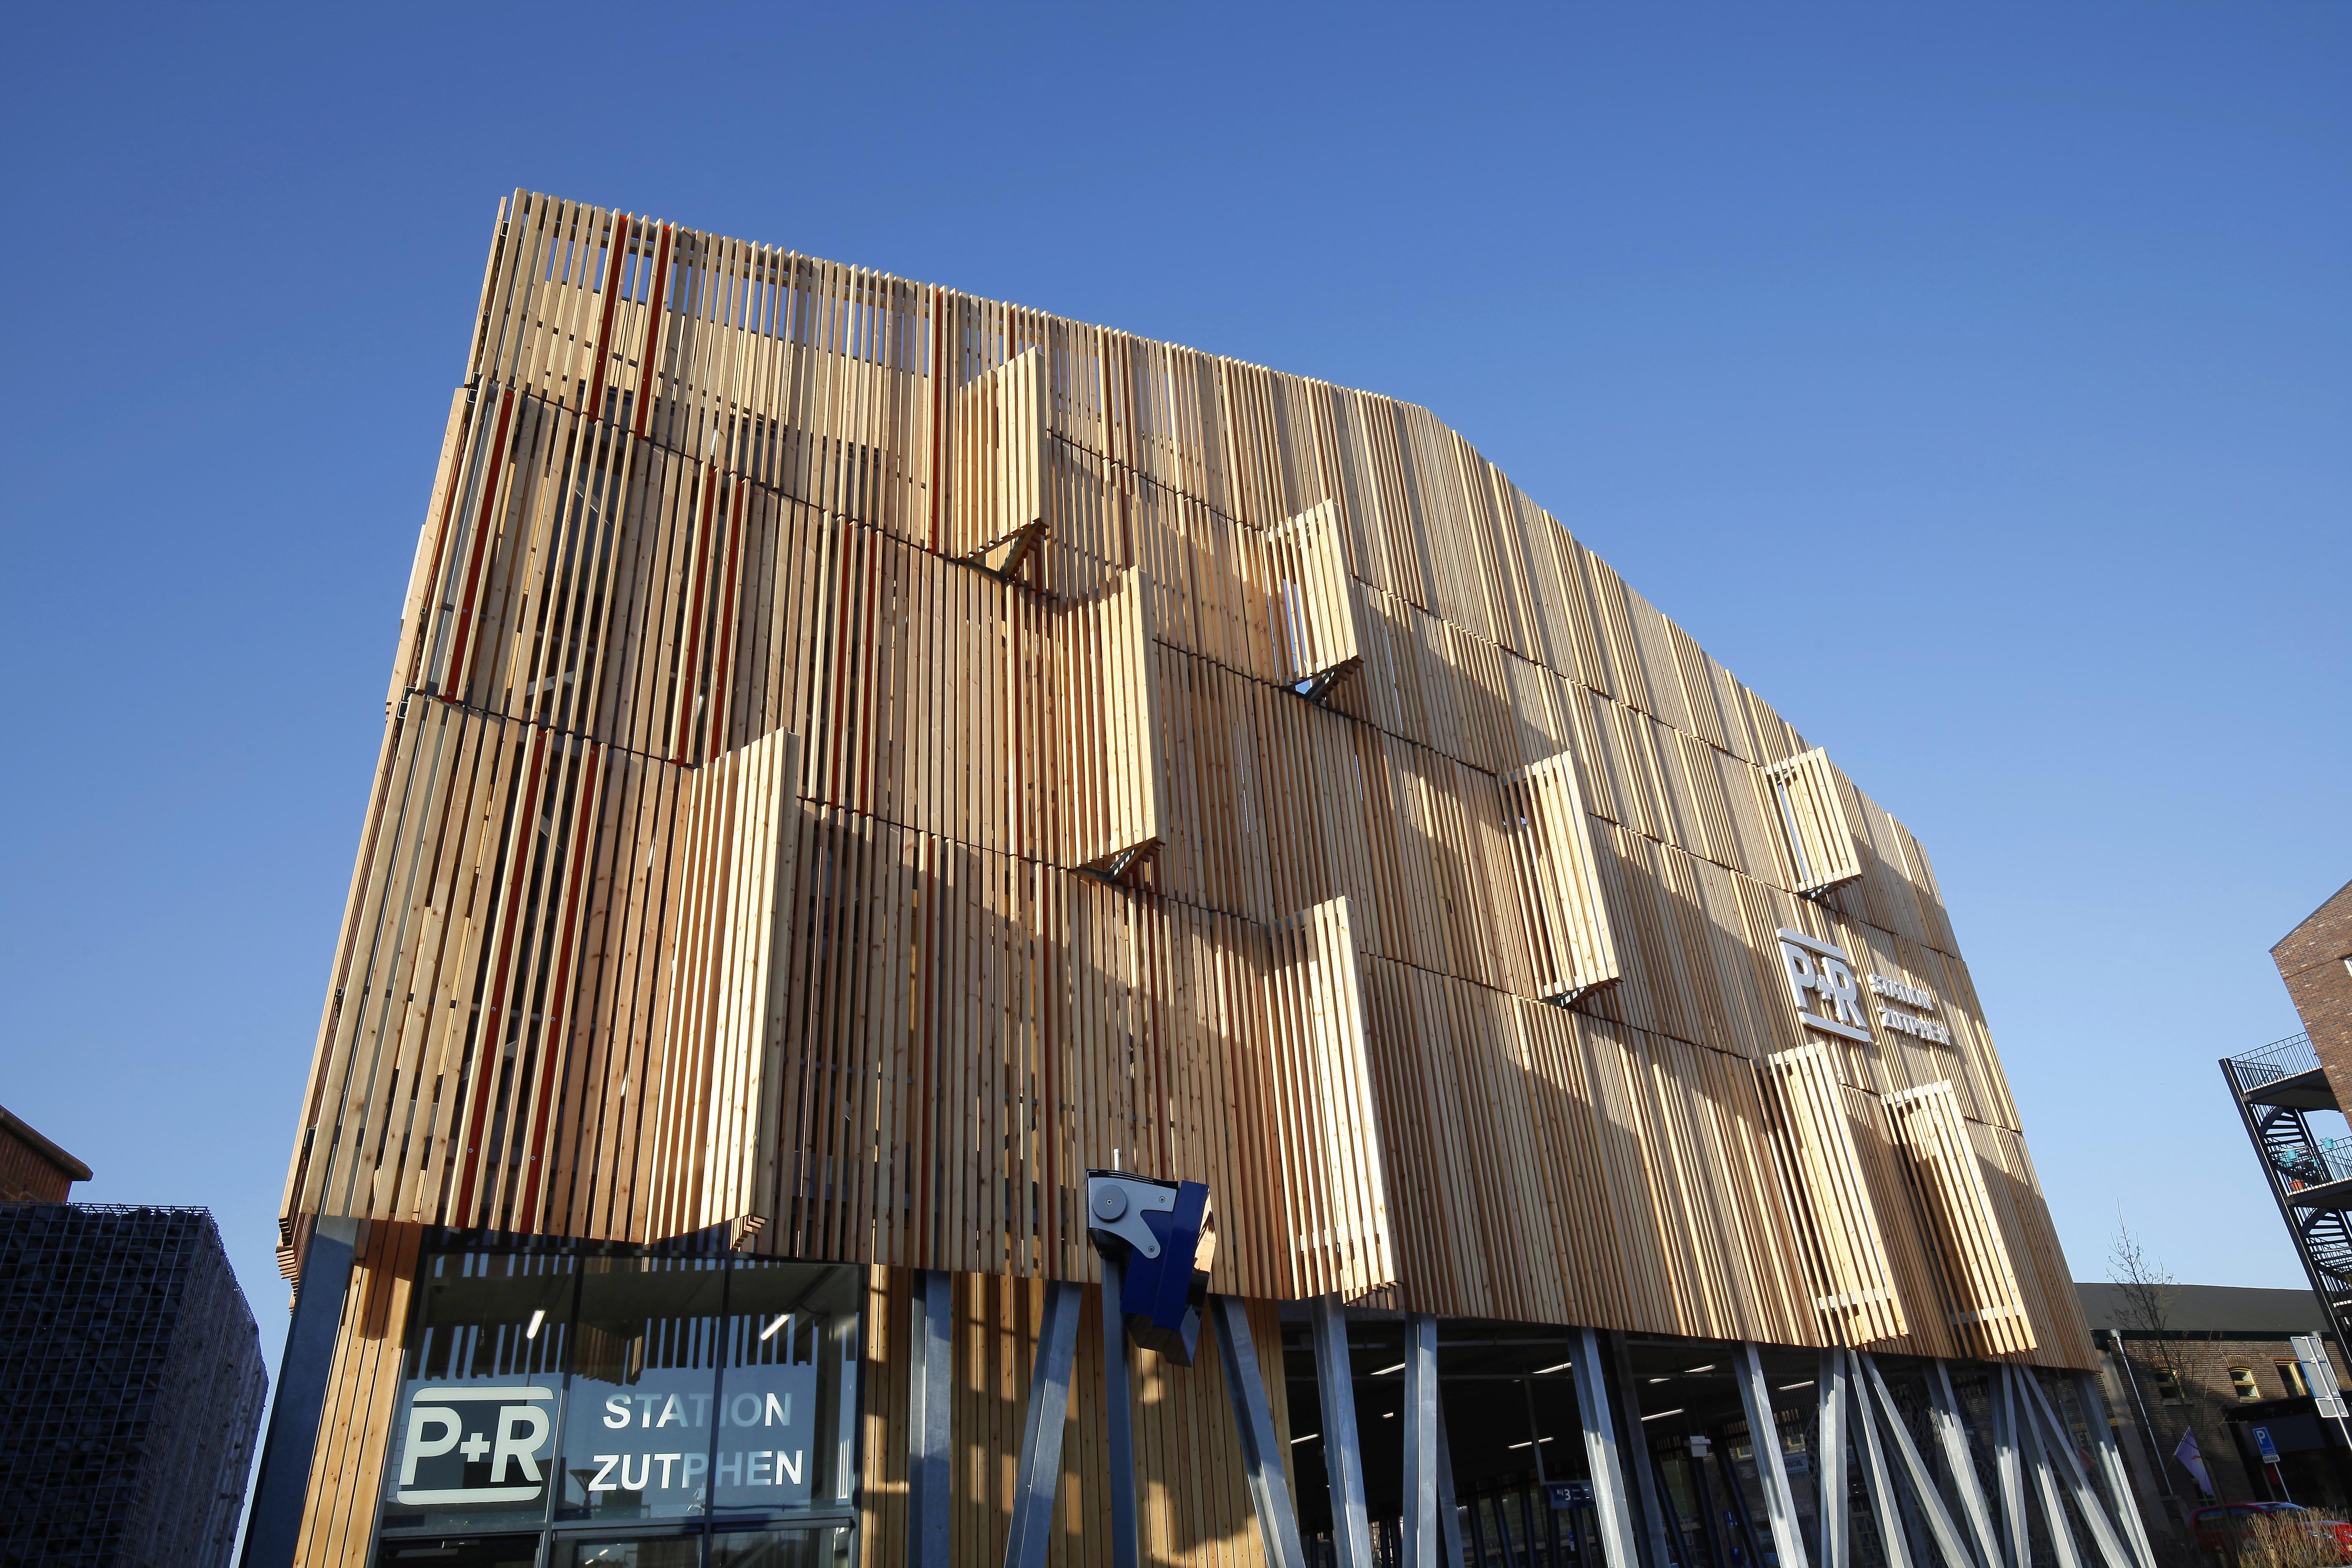 <p>Ledverlichting en contrasterende oranje strips die half verscholen gaan achter de houten lamellen en de uitkragingen boven de voetgangersentree geven het gebouw een zekere dynamiek. Foto: Harry Noback</p>